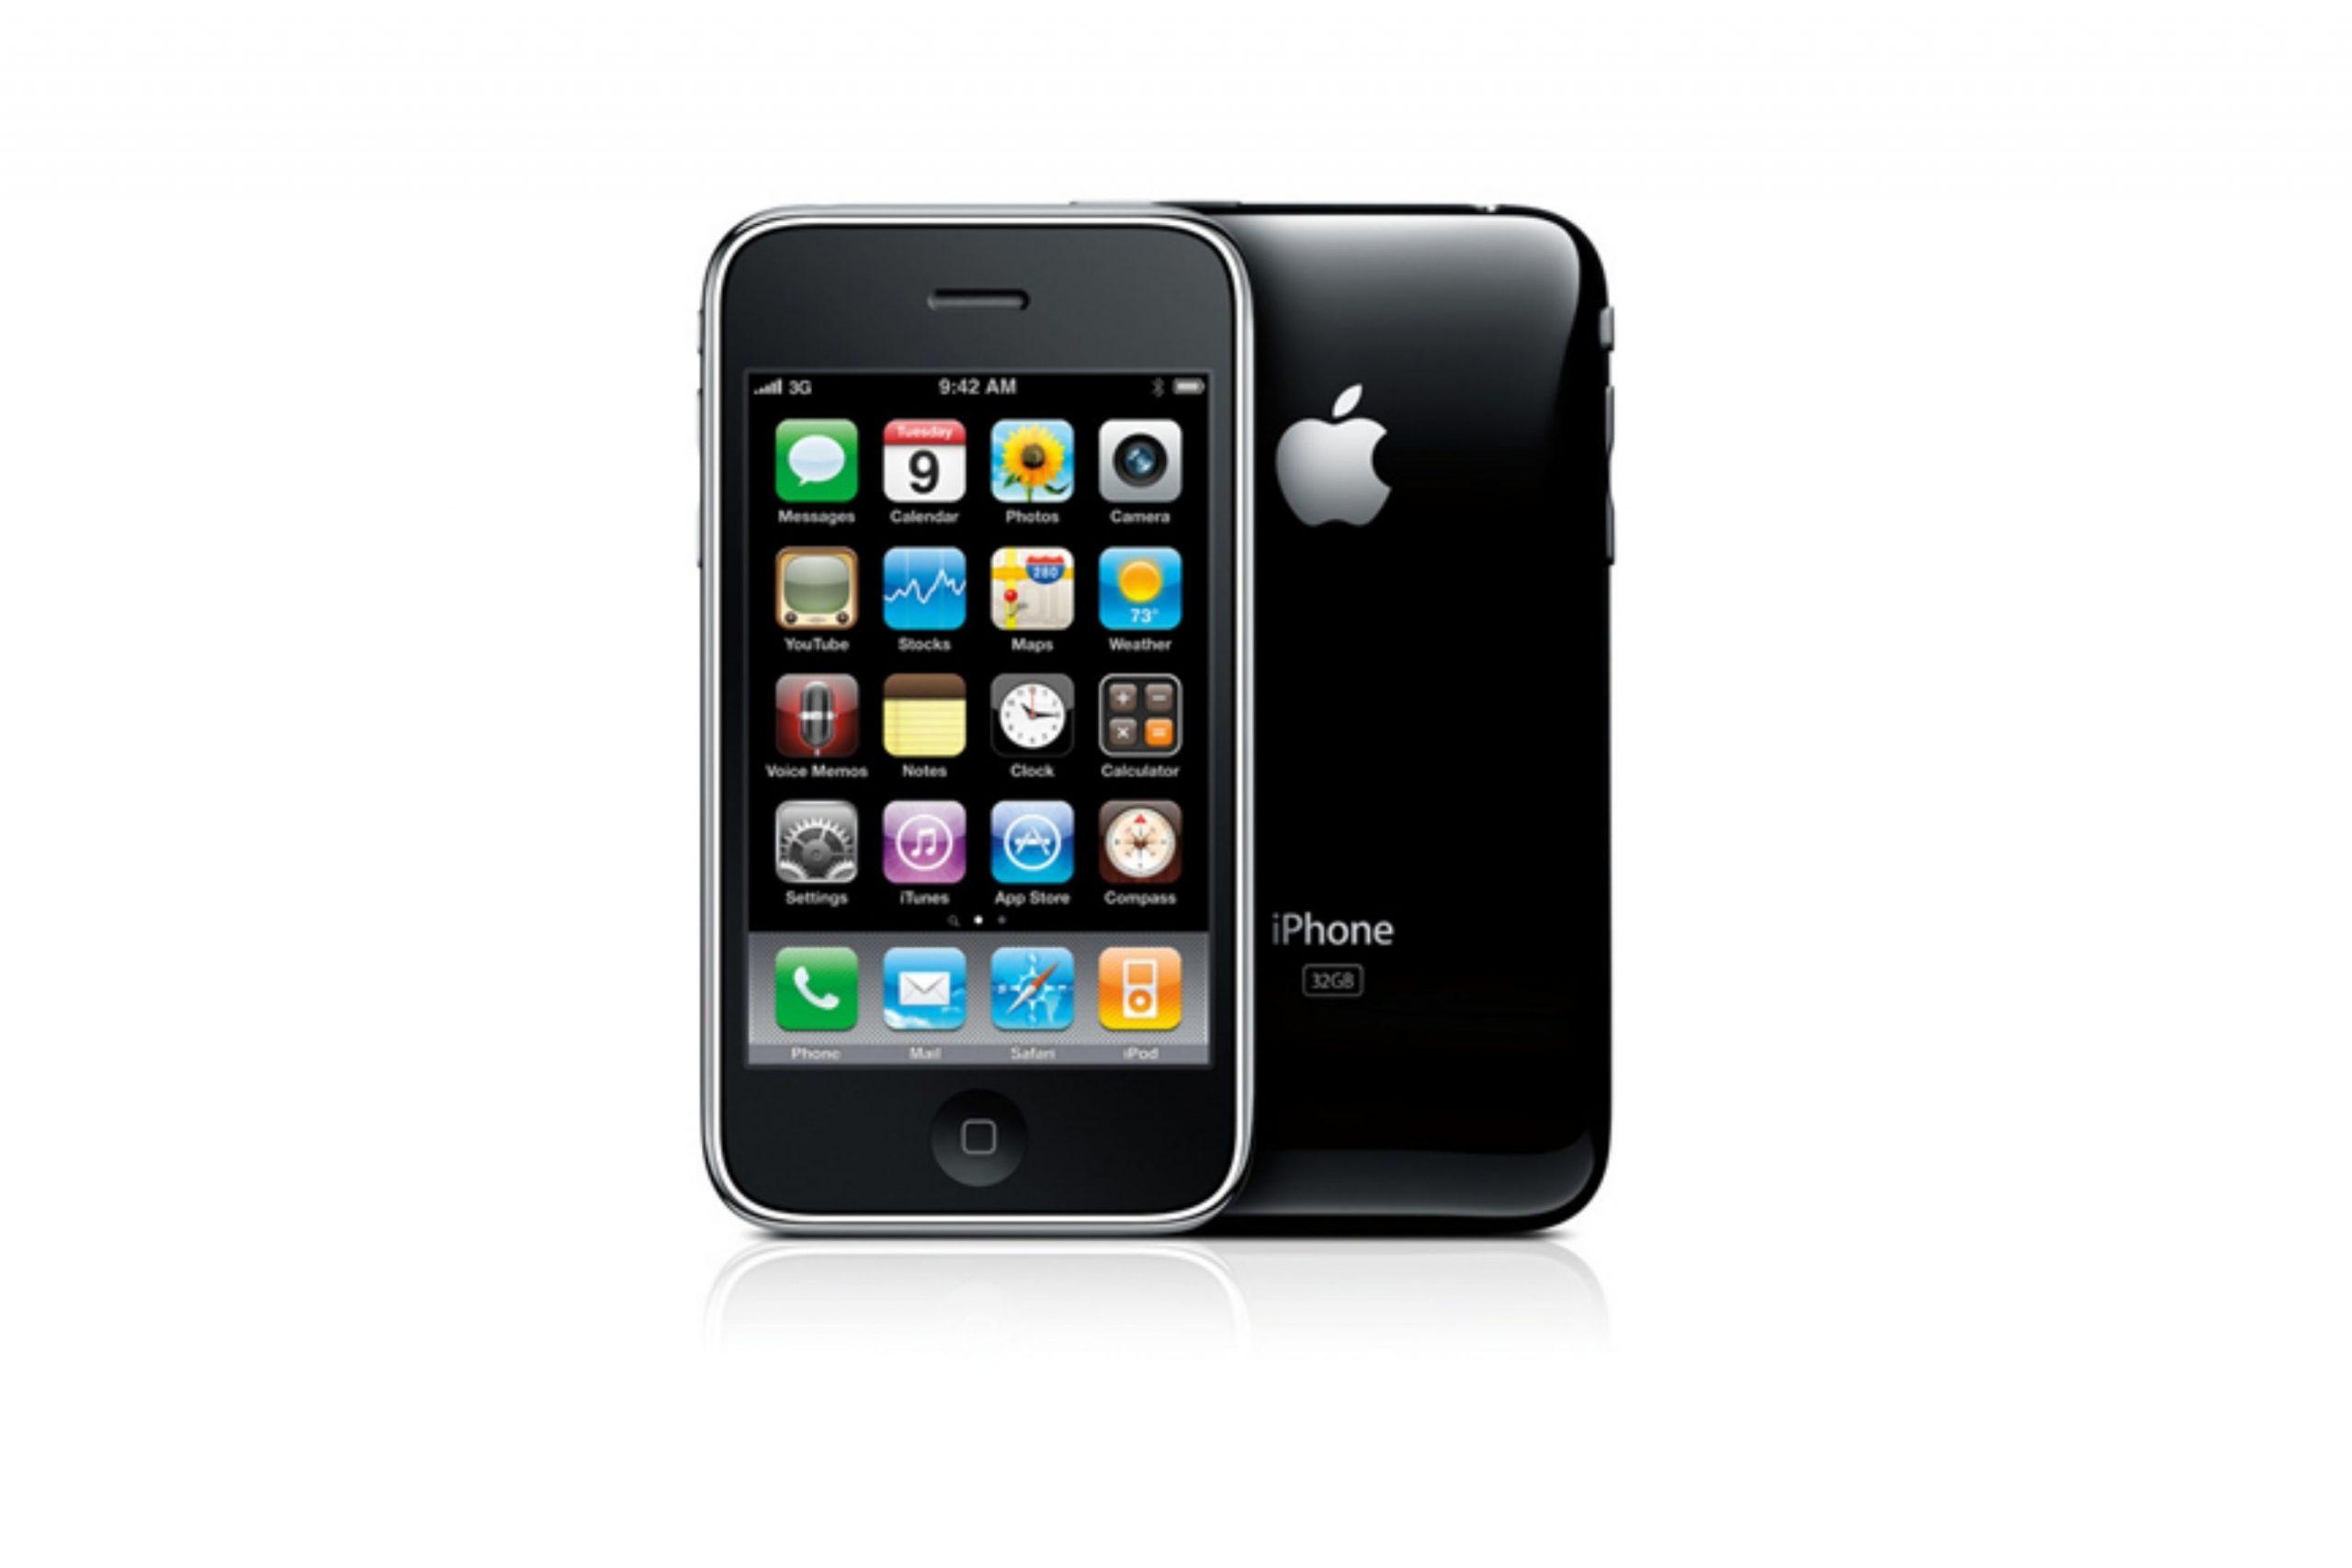 iphone 3series repair in kolkata